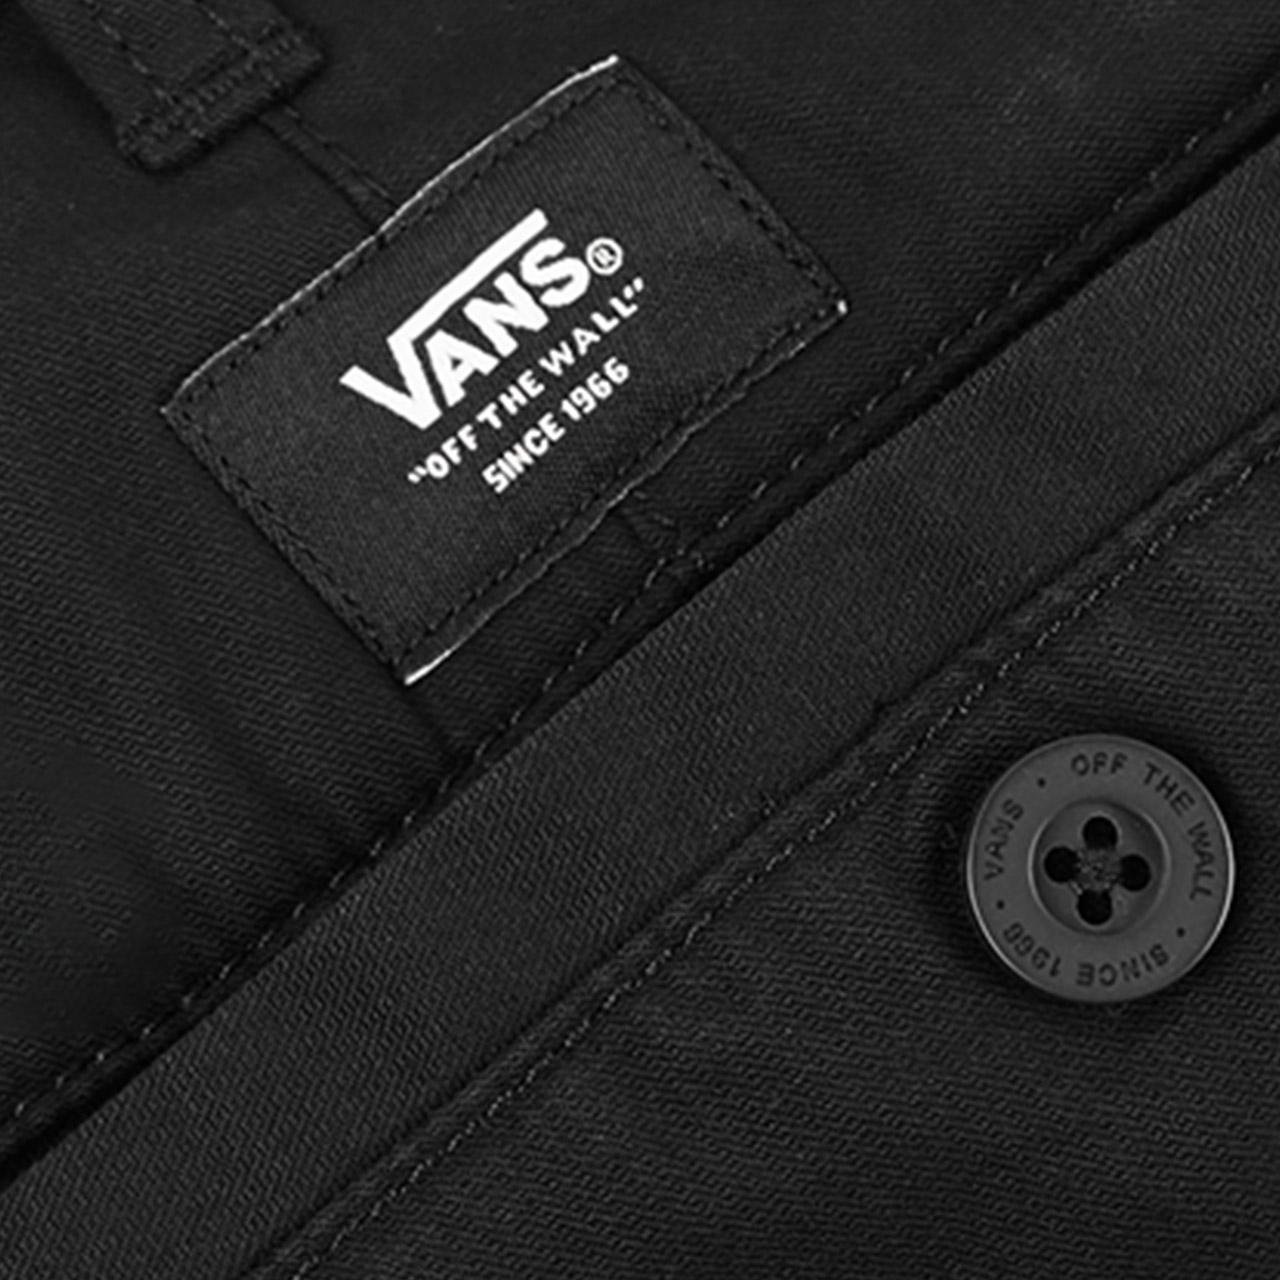 Vans范斯 男子工装裤梭织长裤 运动休闲新款官方正品